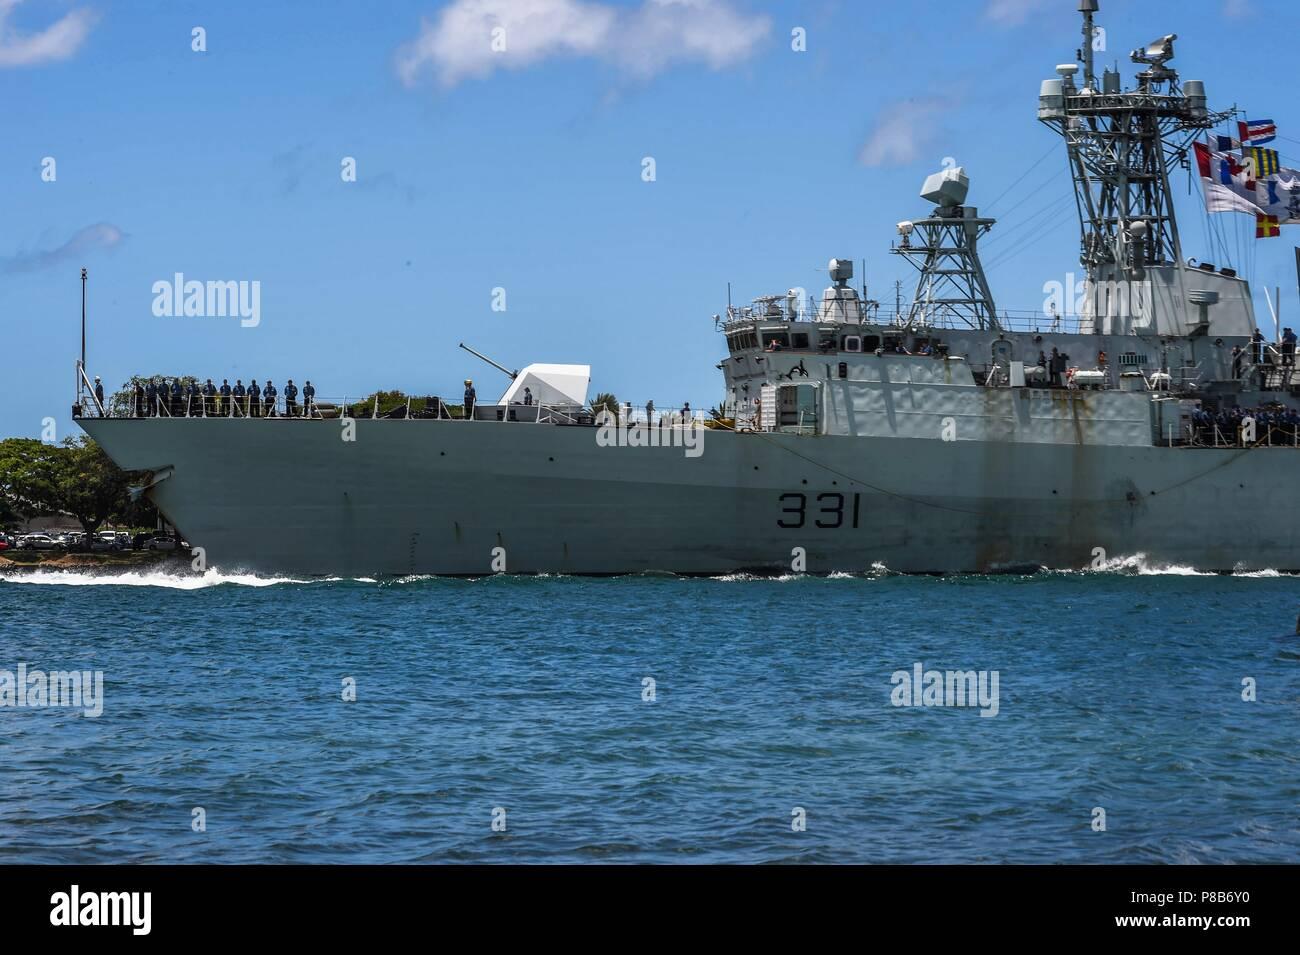 180625-N-FV745-0040 PEARL HARBOR (25 juin 2018) Marine Royale Canadienne frégate NCSM Vancouver (FFH 331) arrive à Pearl Joint Base Harbor-Hickam en préparation de l'exercice RIMPAC 2018, 25 juin, 2018. Vingt-cinq nations, plus de 45 navires et sous-marins, environ 200 avions et 25, 000 personnes participent à l'EXERCICE RIMPAC du 27 juin au 2 août dans et autour des îles Hawaï et la Californie du Sud. Le plus grand exercice maritime international RIMPAC, fournit une formation unique alors que la promotion et le soutien de relations de coopération entre les participants essentiels pour assurer la s Photo Stock